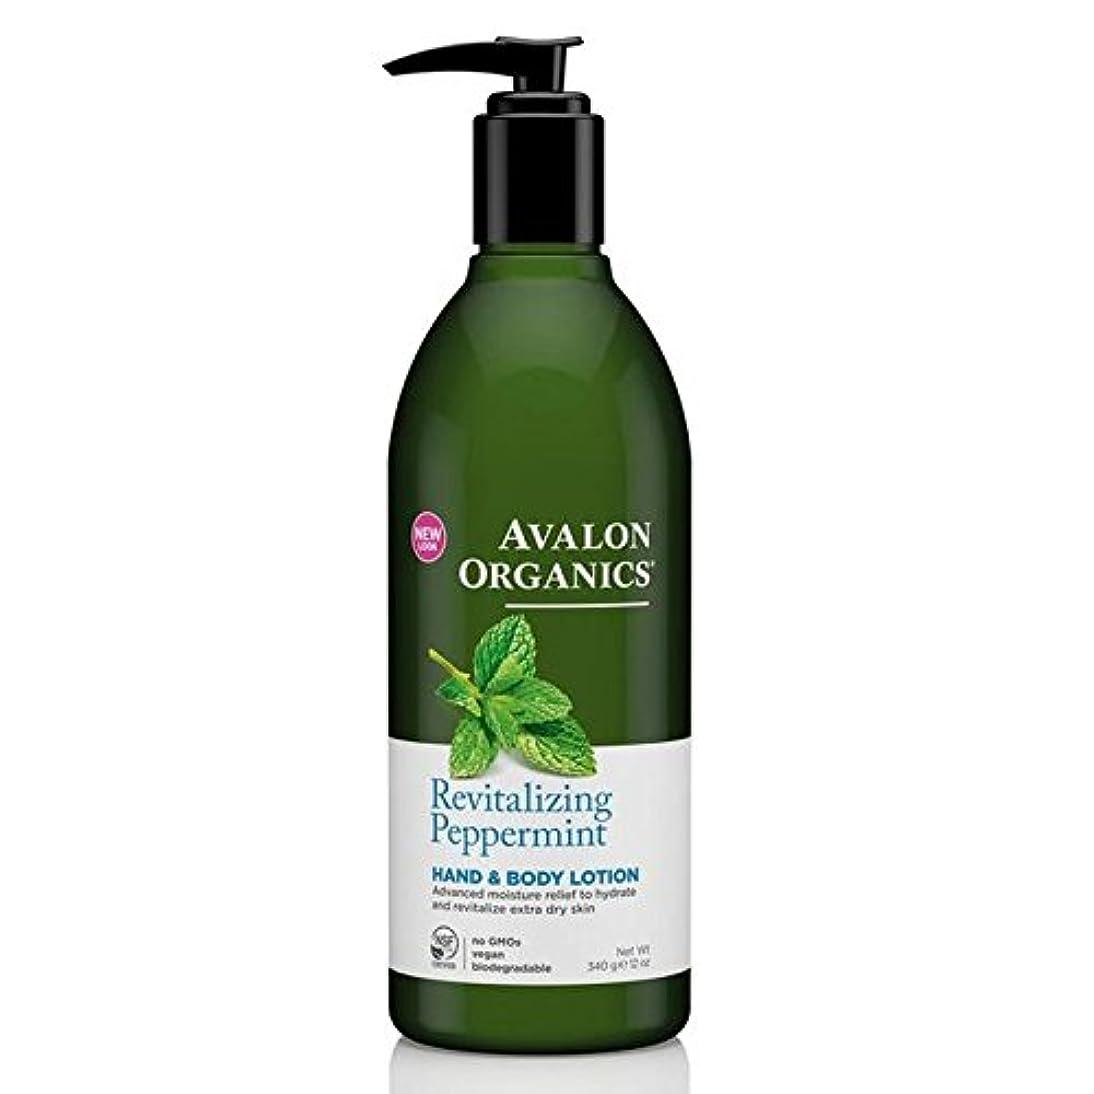 キャラバンショート留め金Avalon Peppermint Hand & Body Lotion 340g - (Avalon) ペパーミントハンド&ボディローション340グラム [並行輸入品]